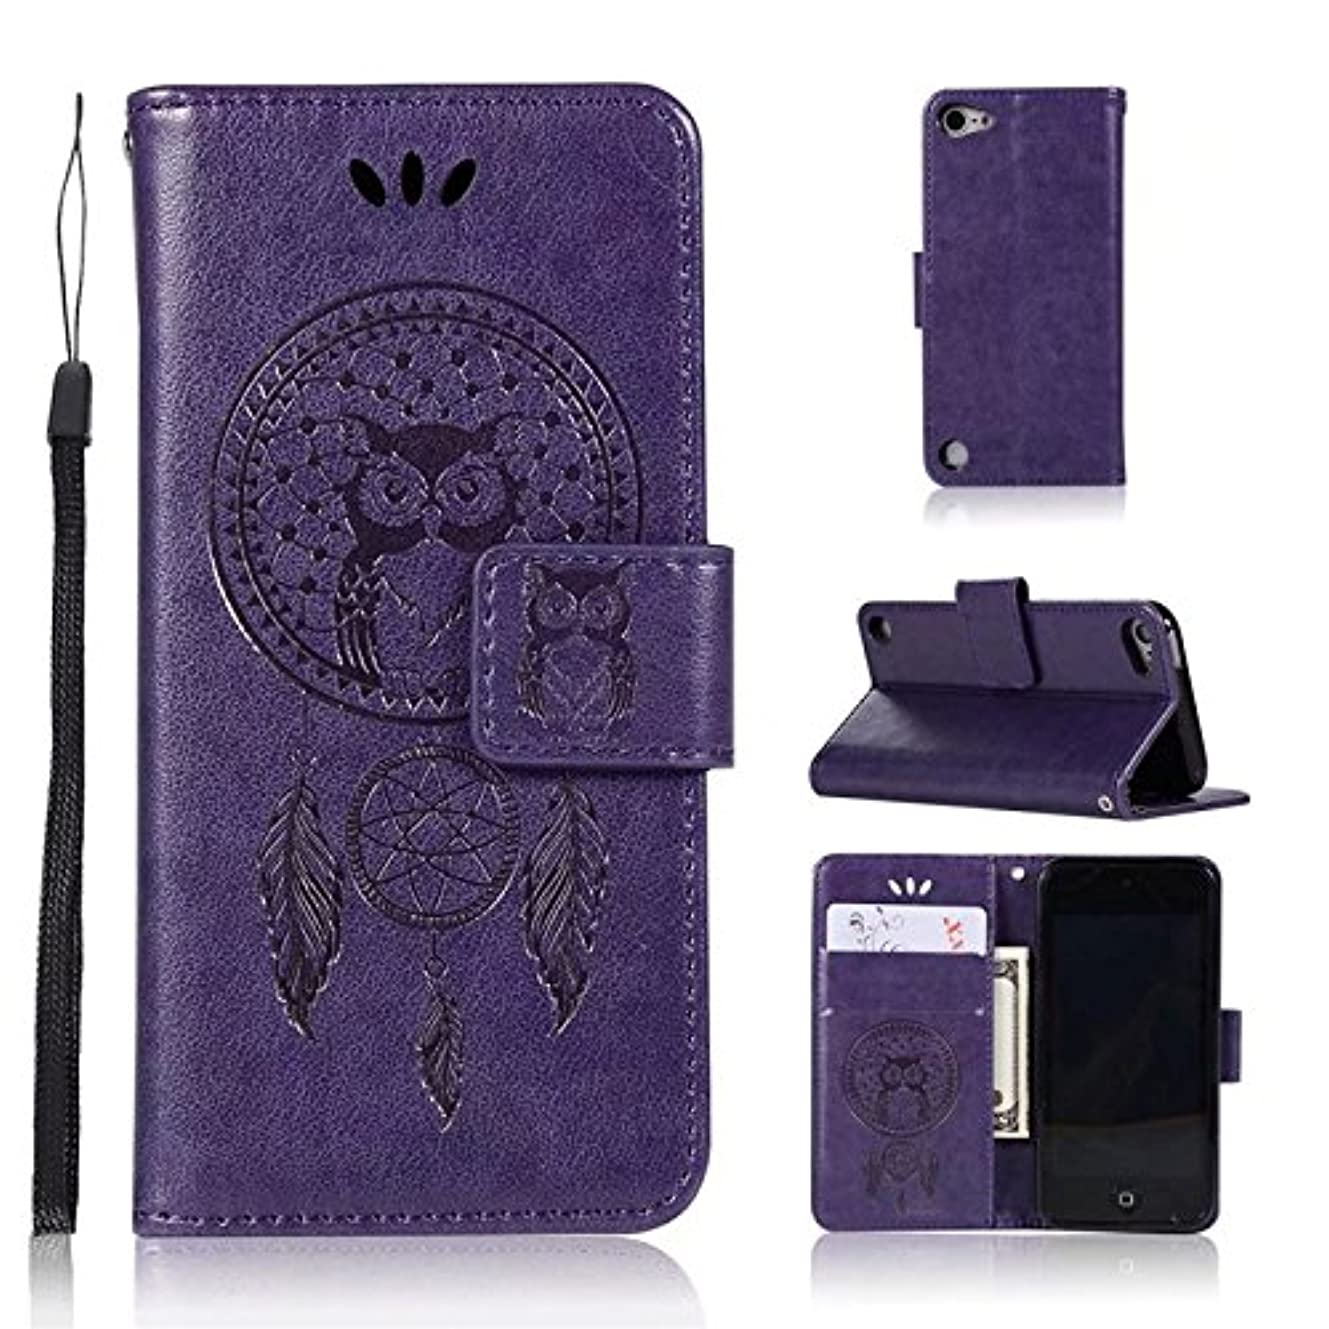 ガジュマル錆び蒸留ケース for iPod Touch 6,ケース for iPod Touch 5, Abtory PUレザー ケース 手帳型 保護ケース カードポケット付き 横置きスタンド機能付き マグネット式 スマホケース スマートフォンケース for iPod Touch 6 Purple